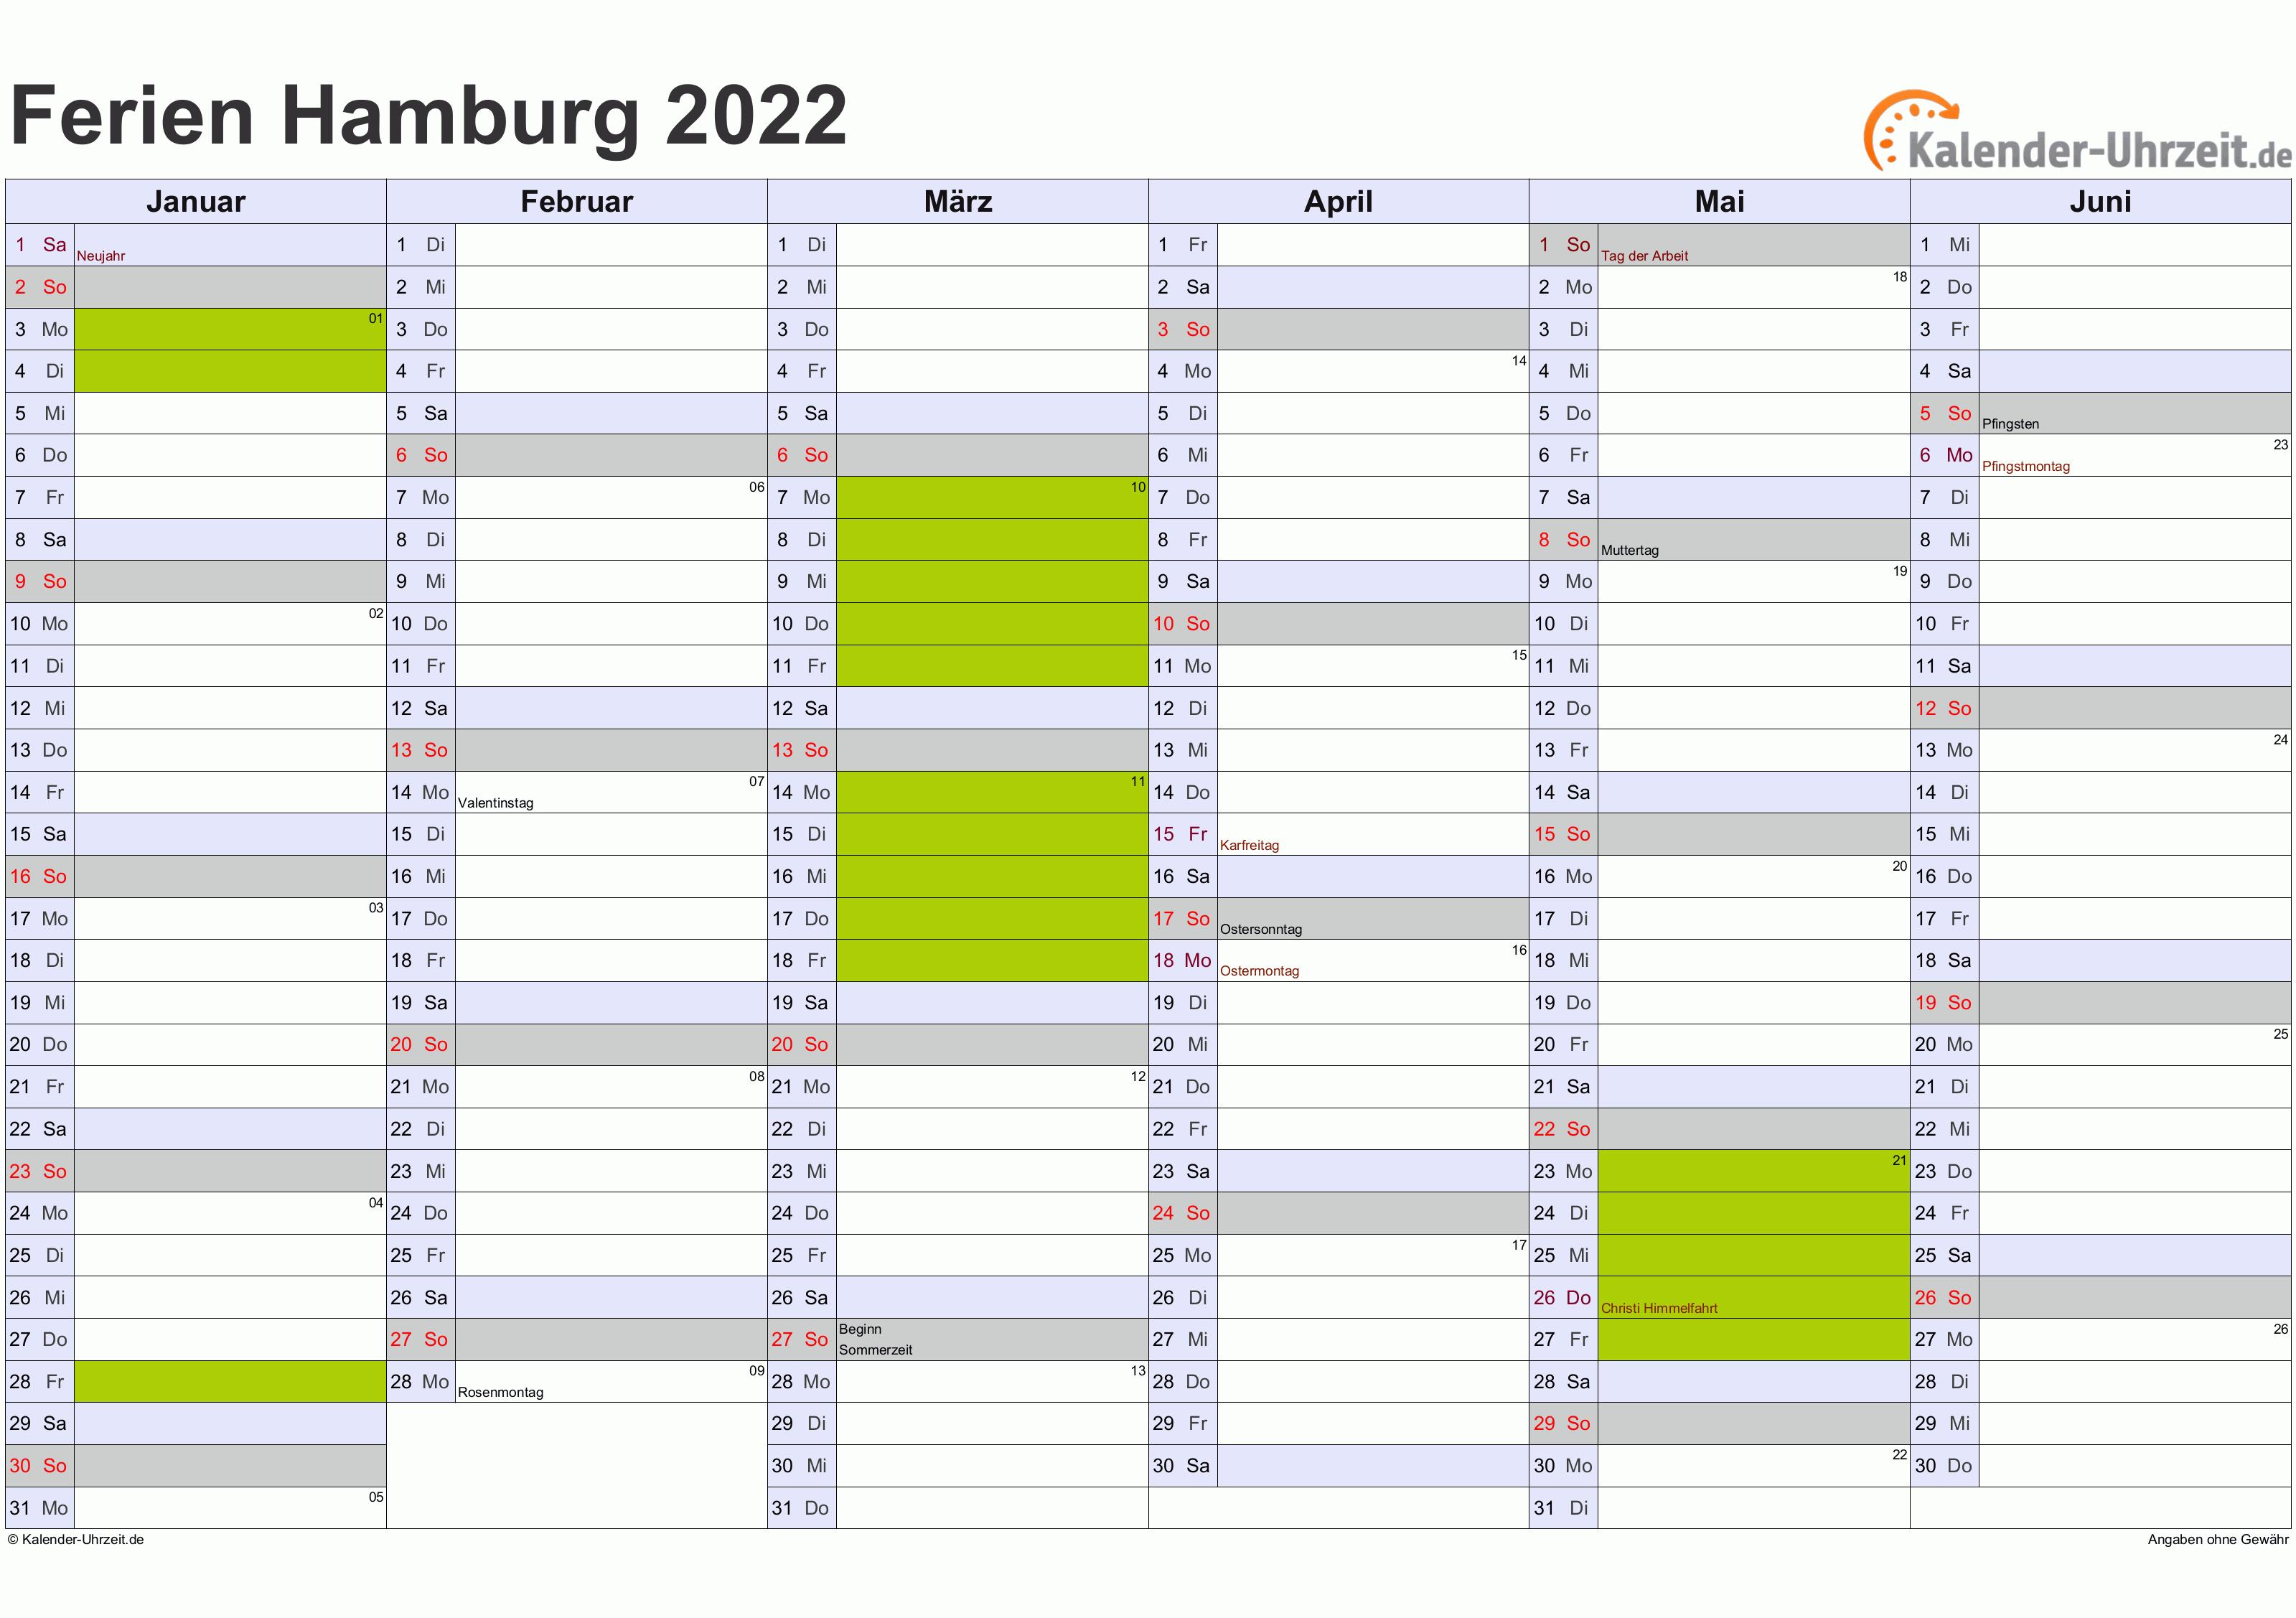 Ferien Hamburg 2022 - Ferienkalender zum Ausdrucken